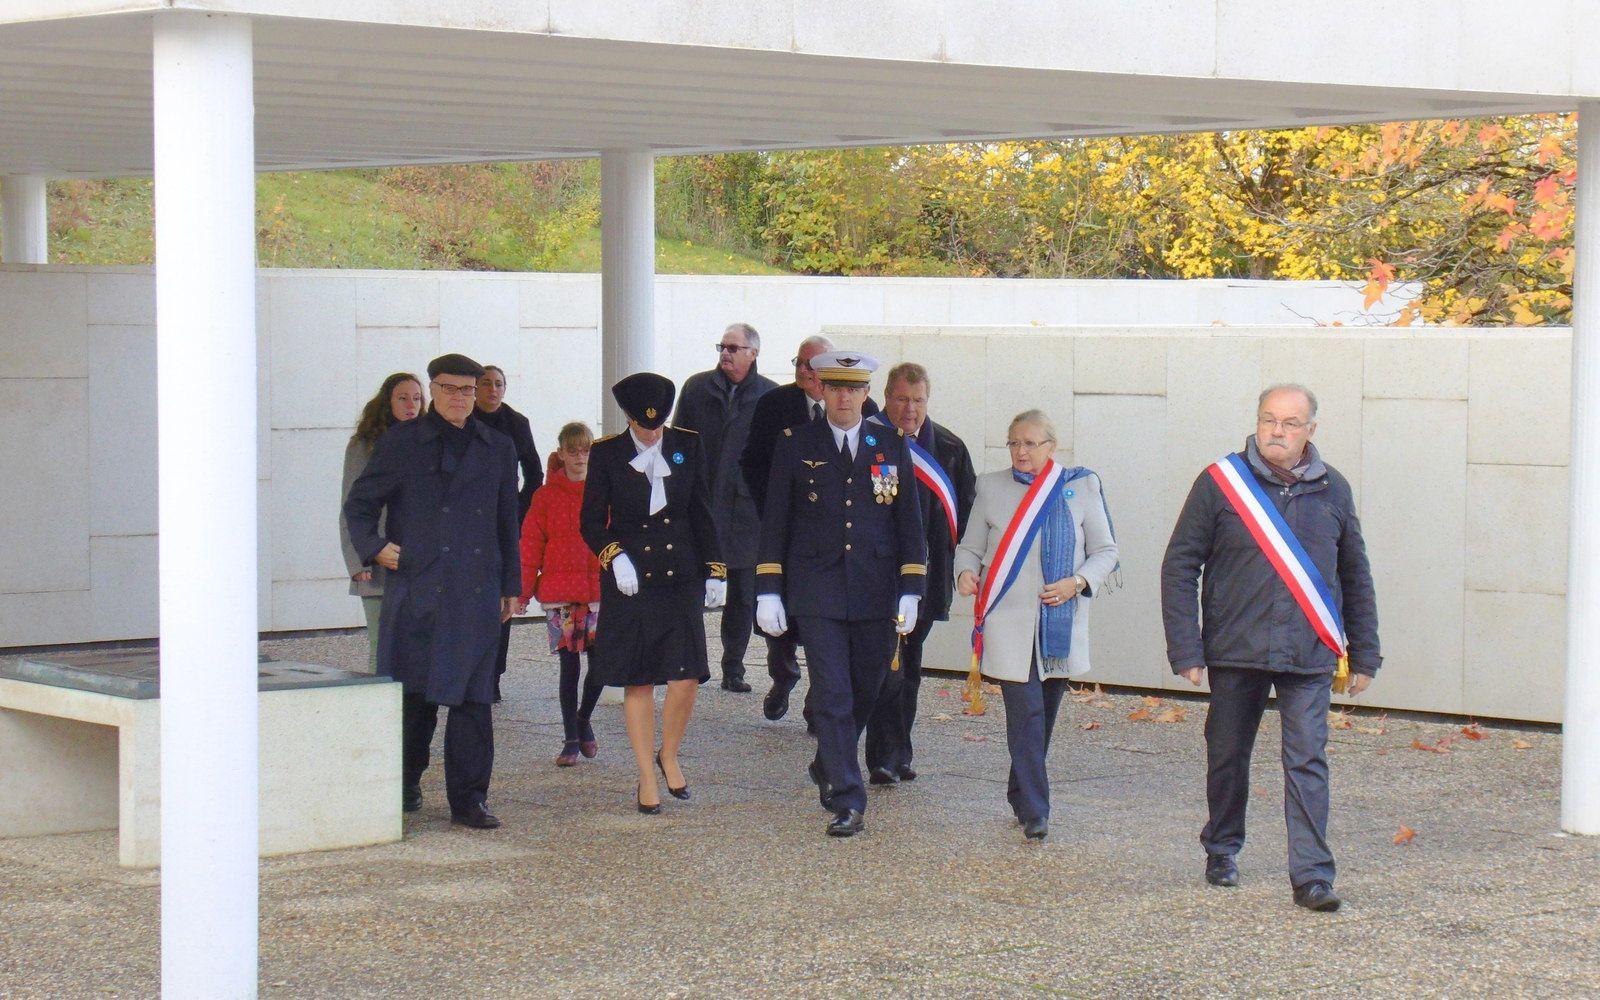 Environ 9000 militaires allemands tombés durant la dernière guerre mondiale reposent au cimetière de Berneuil en Saintonge. Ce petit coin d'Allemagne est malheureusement un des tragiques épilogues de ce douloureux conflit pour nos deux pays, pour leurs hommes d'honneur. Ce 13 novembre de nombreuses personnes sont venues rendre un hommage: Citoyens, corps constitués et anciens combattants, en présence de Monsieur Wilfried Krug consul de la République Fédérale d'Allemagne en poste à Bordeaux.